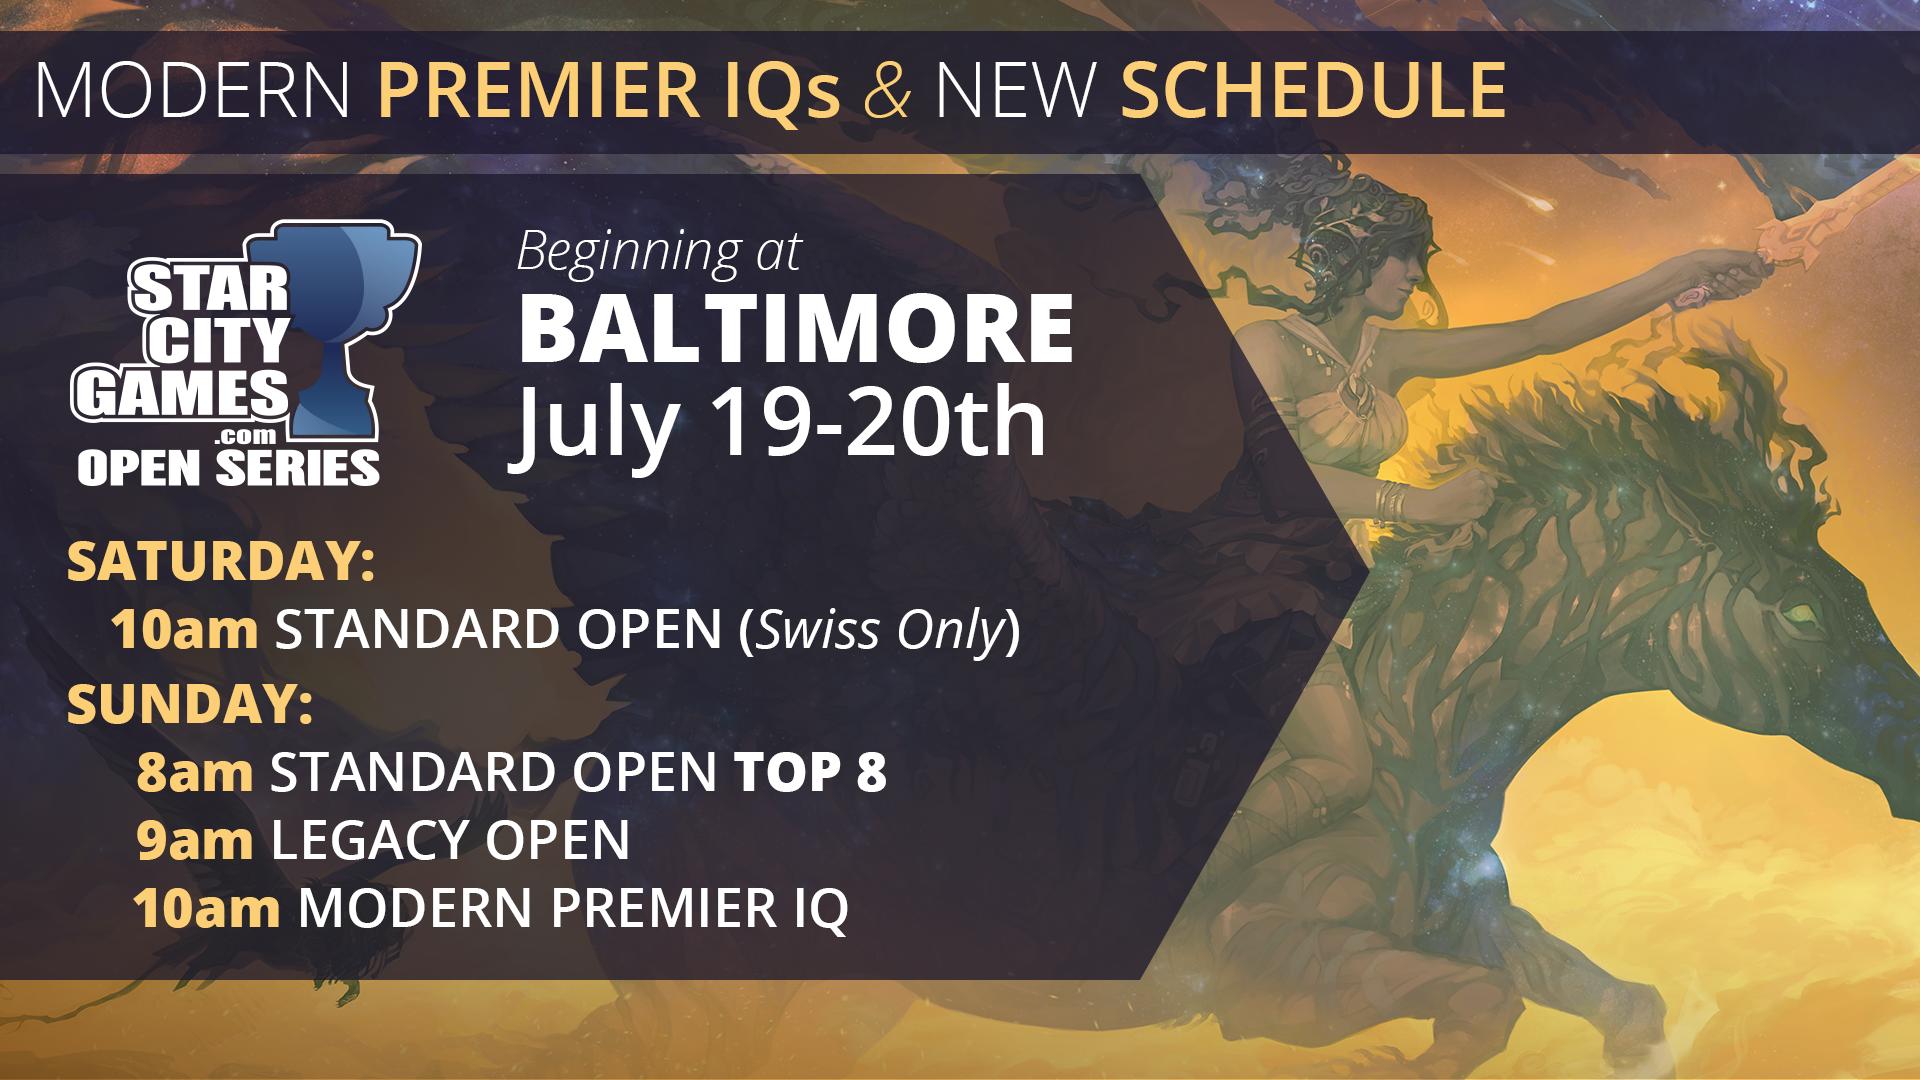 Premier IQ Start Times